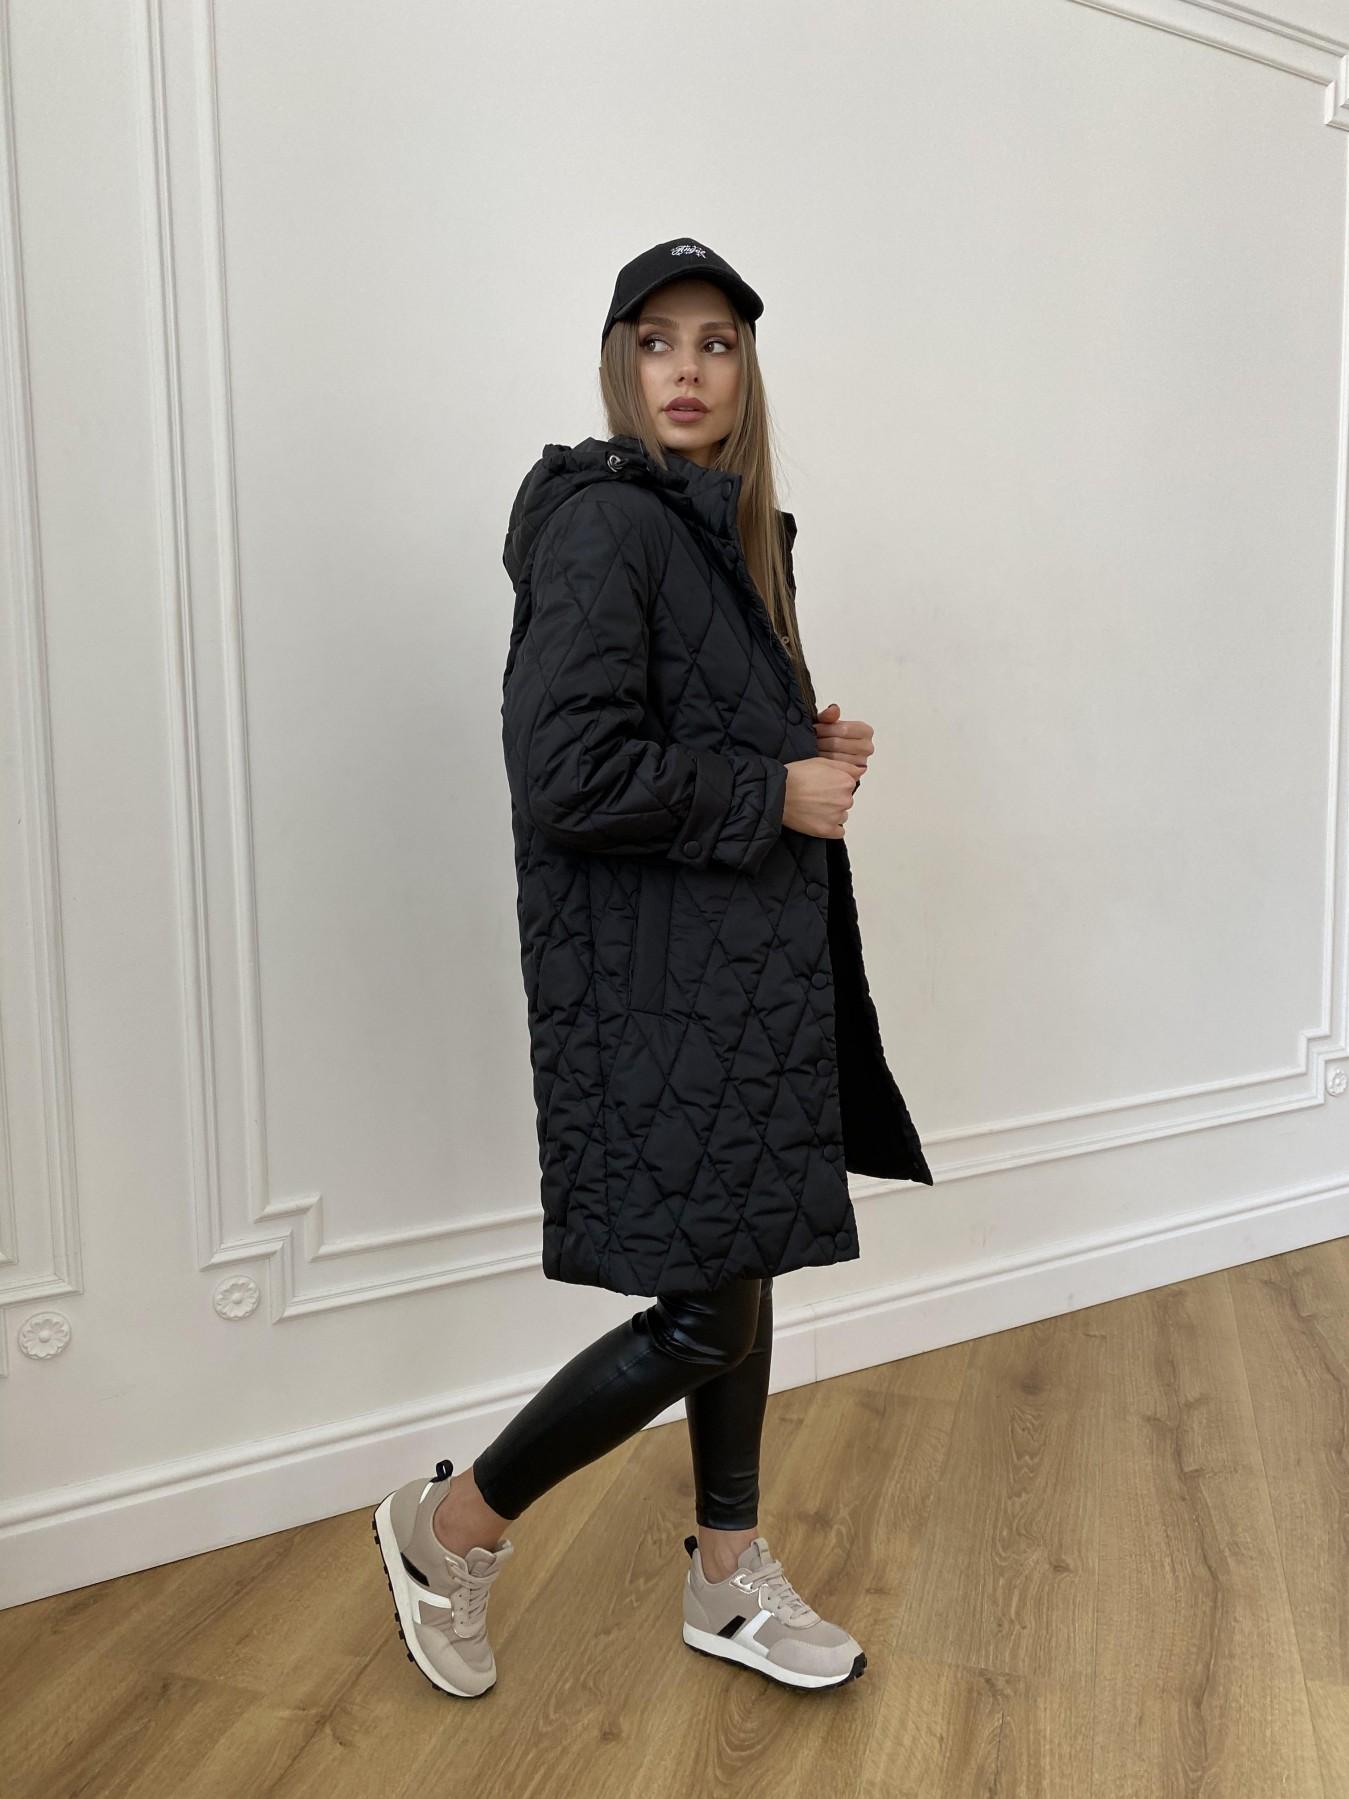 купить куртки женские Виза стеганая куртка из плащевой ткани 11015